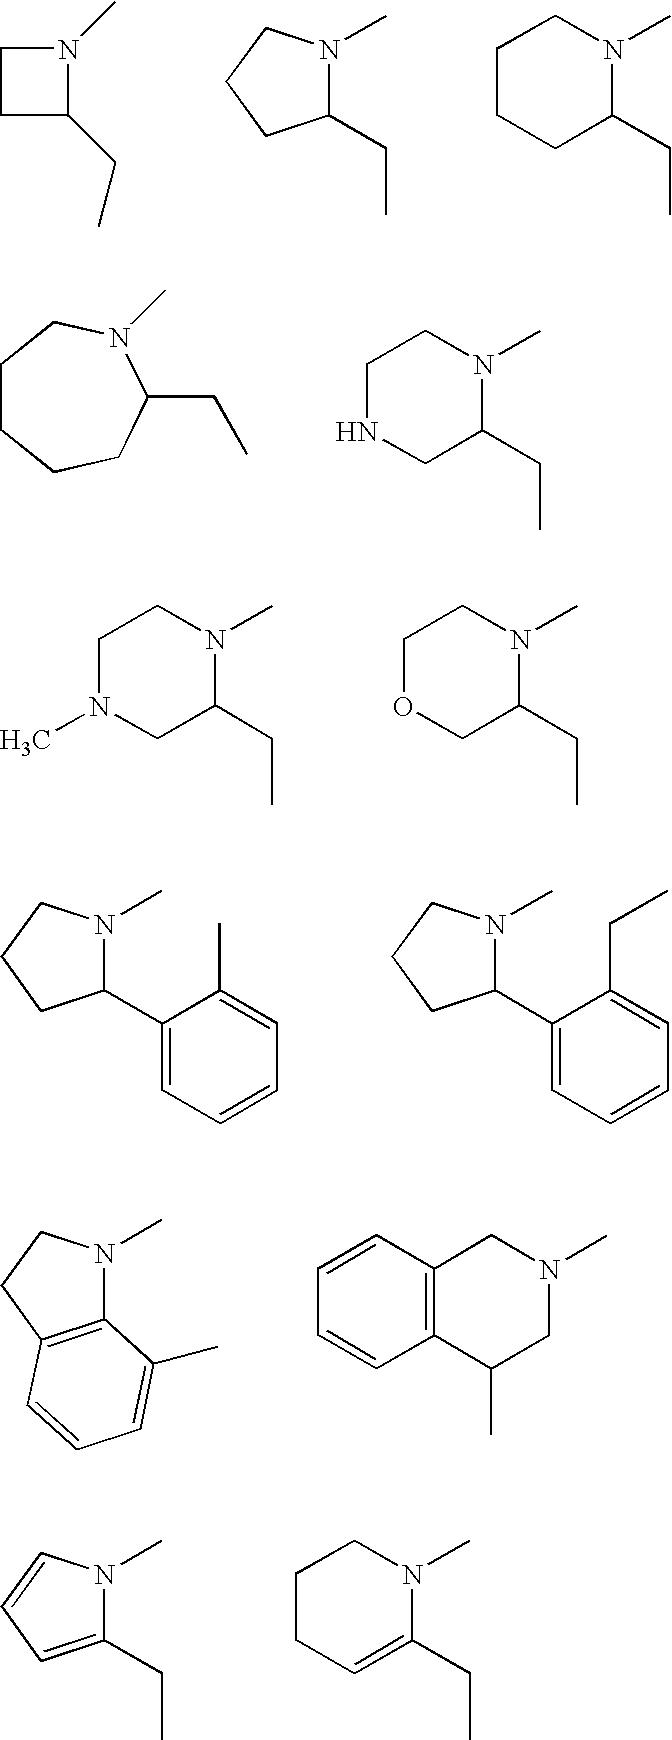 Figure US08784885-20140722-C00008